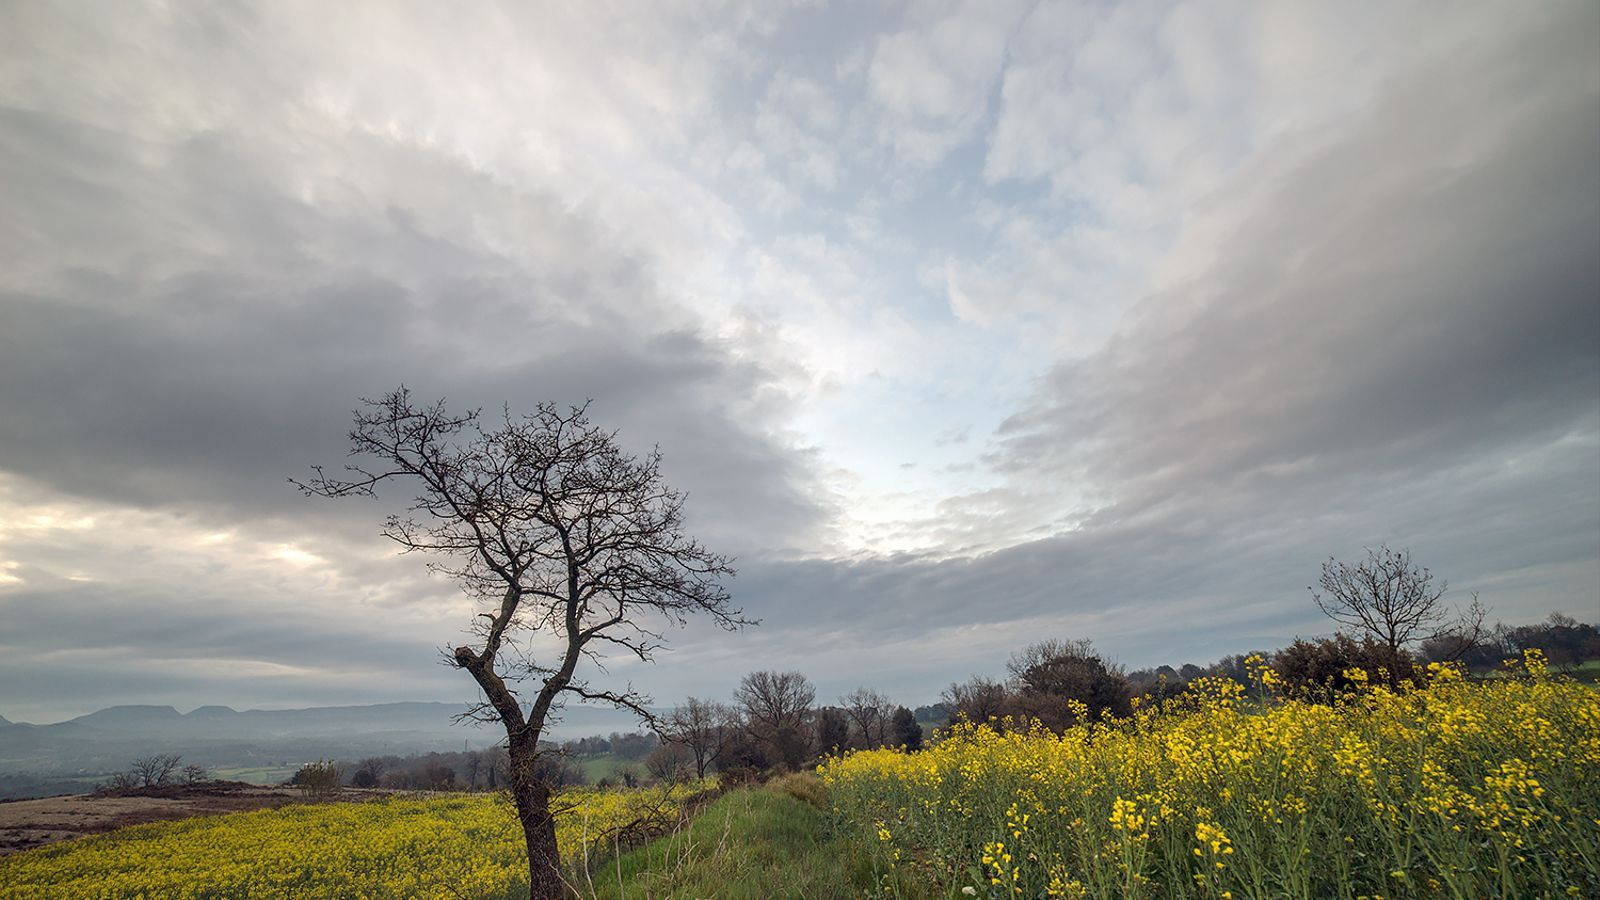 Demà tornarà l'ambient primaveral, però només per unes hores